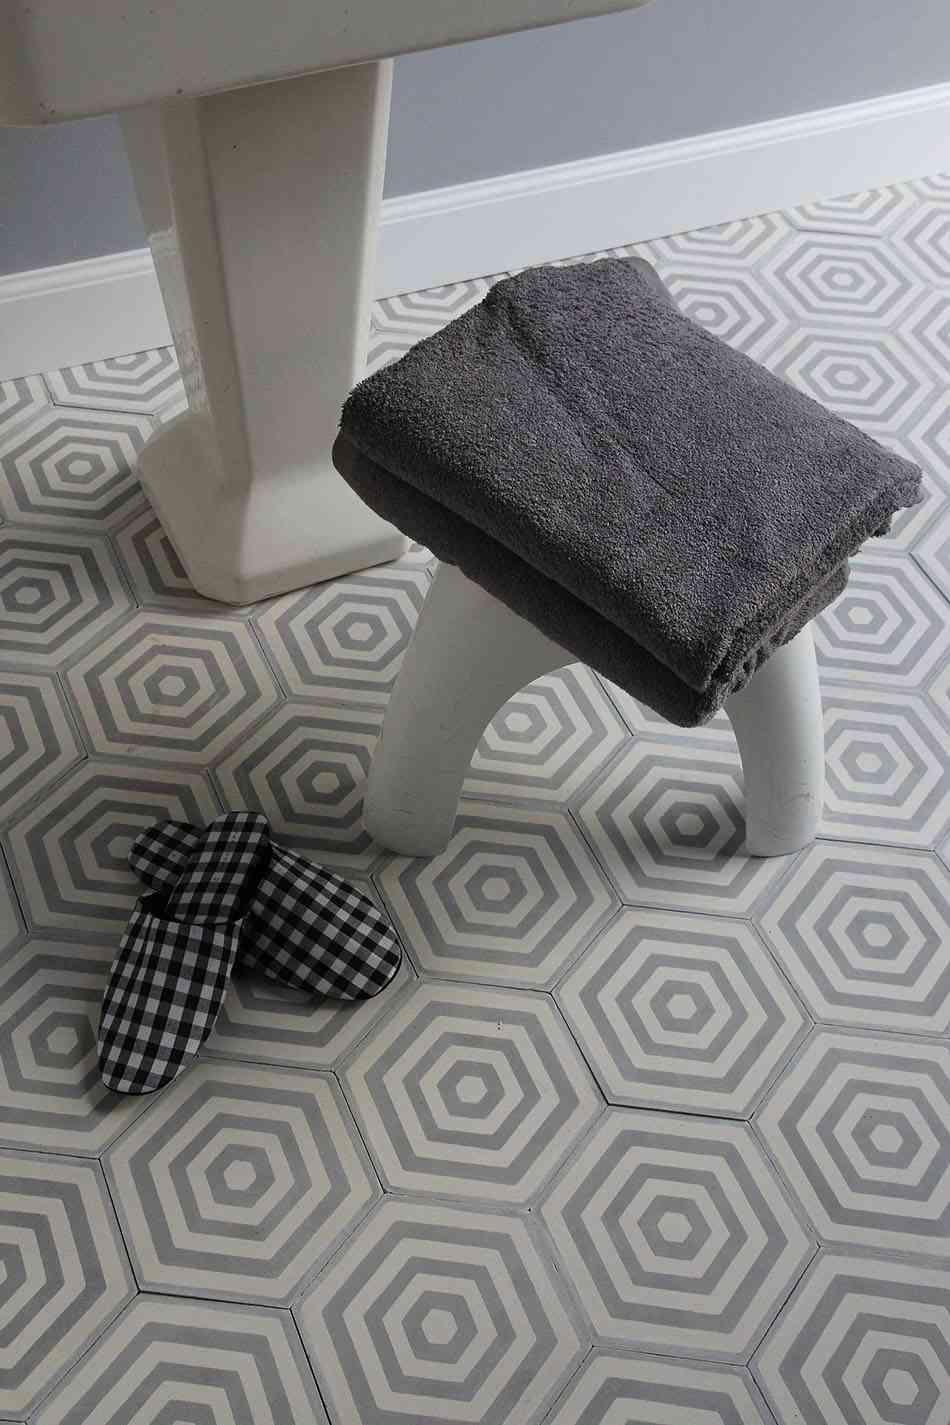 Ideas geniales para decorar con azulejos geom tricos - Azulejos suelo ...